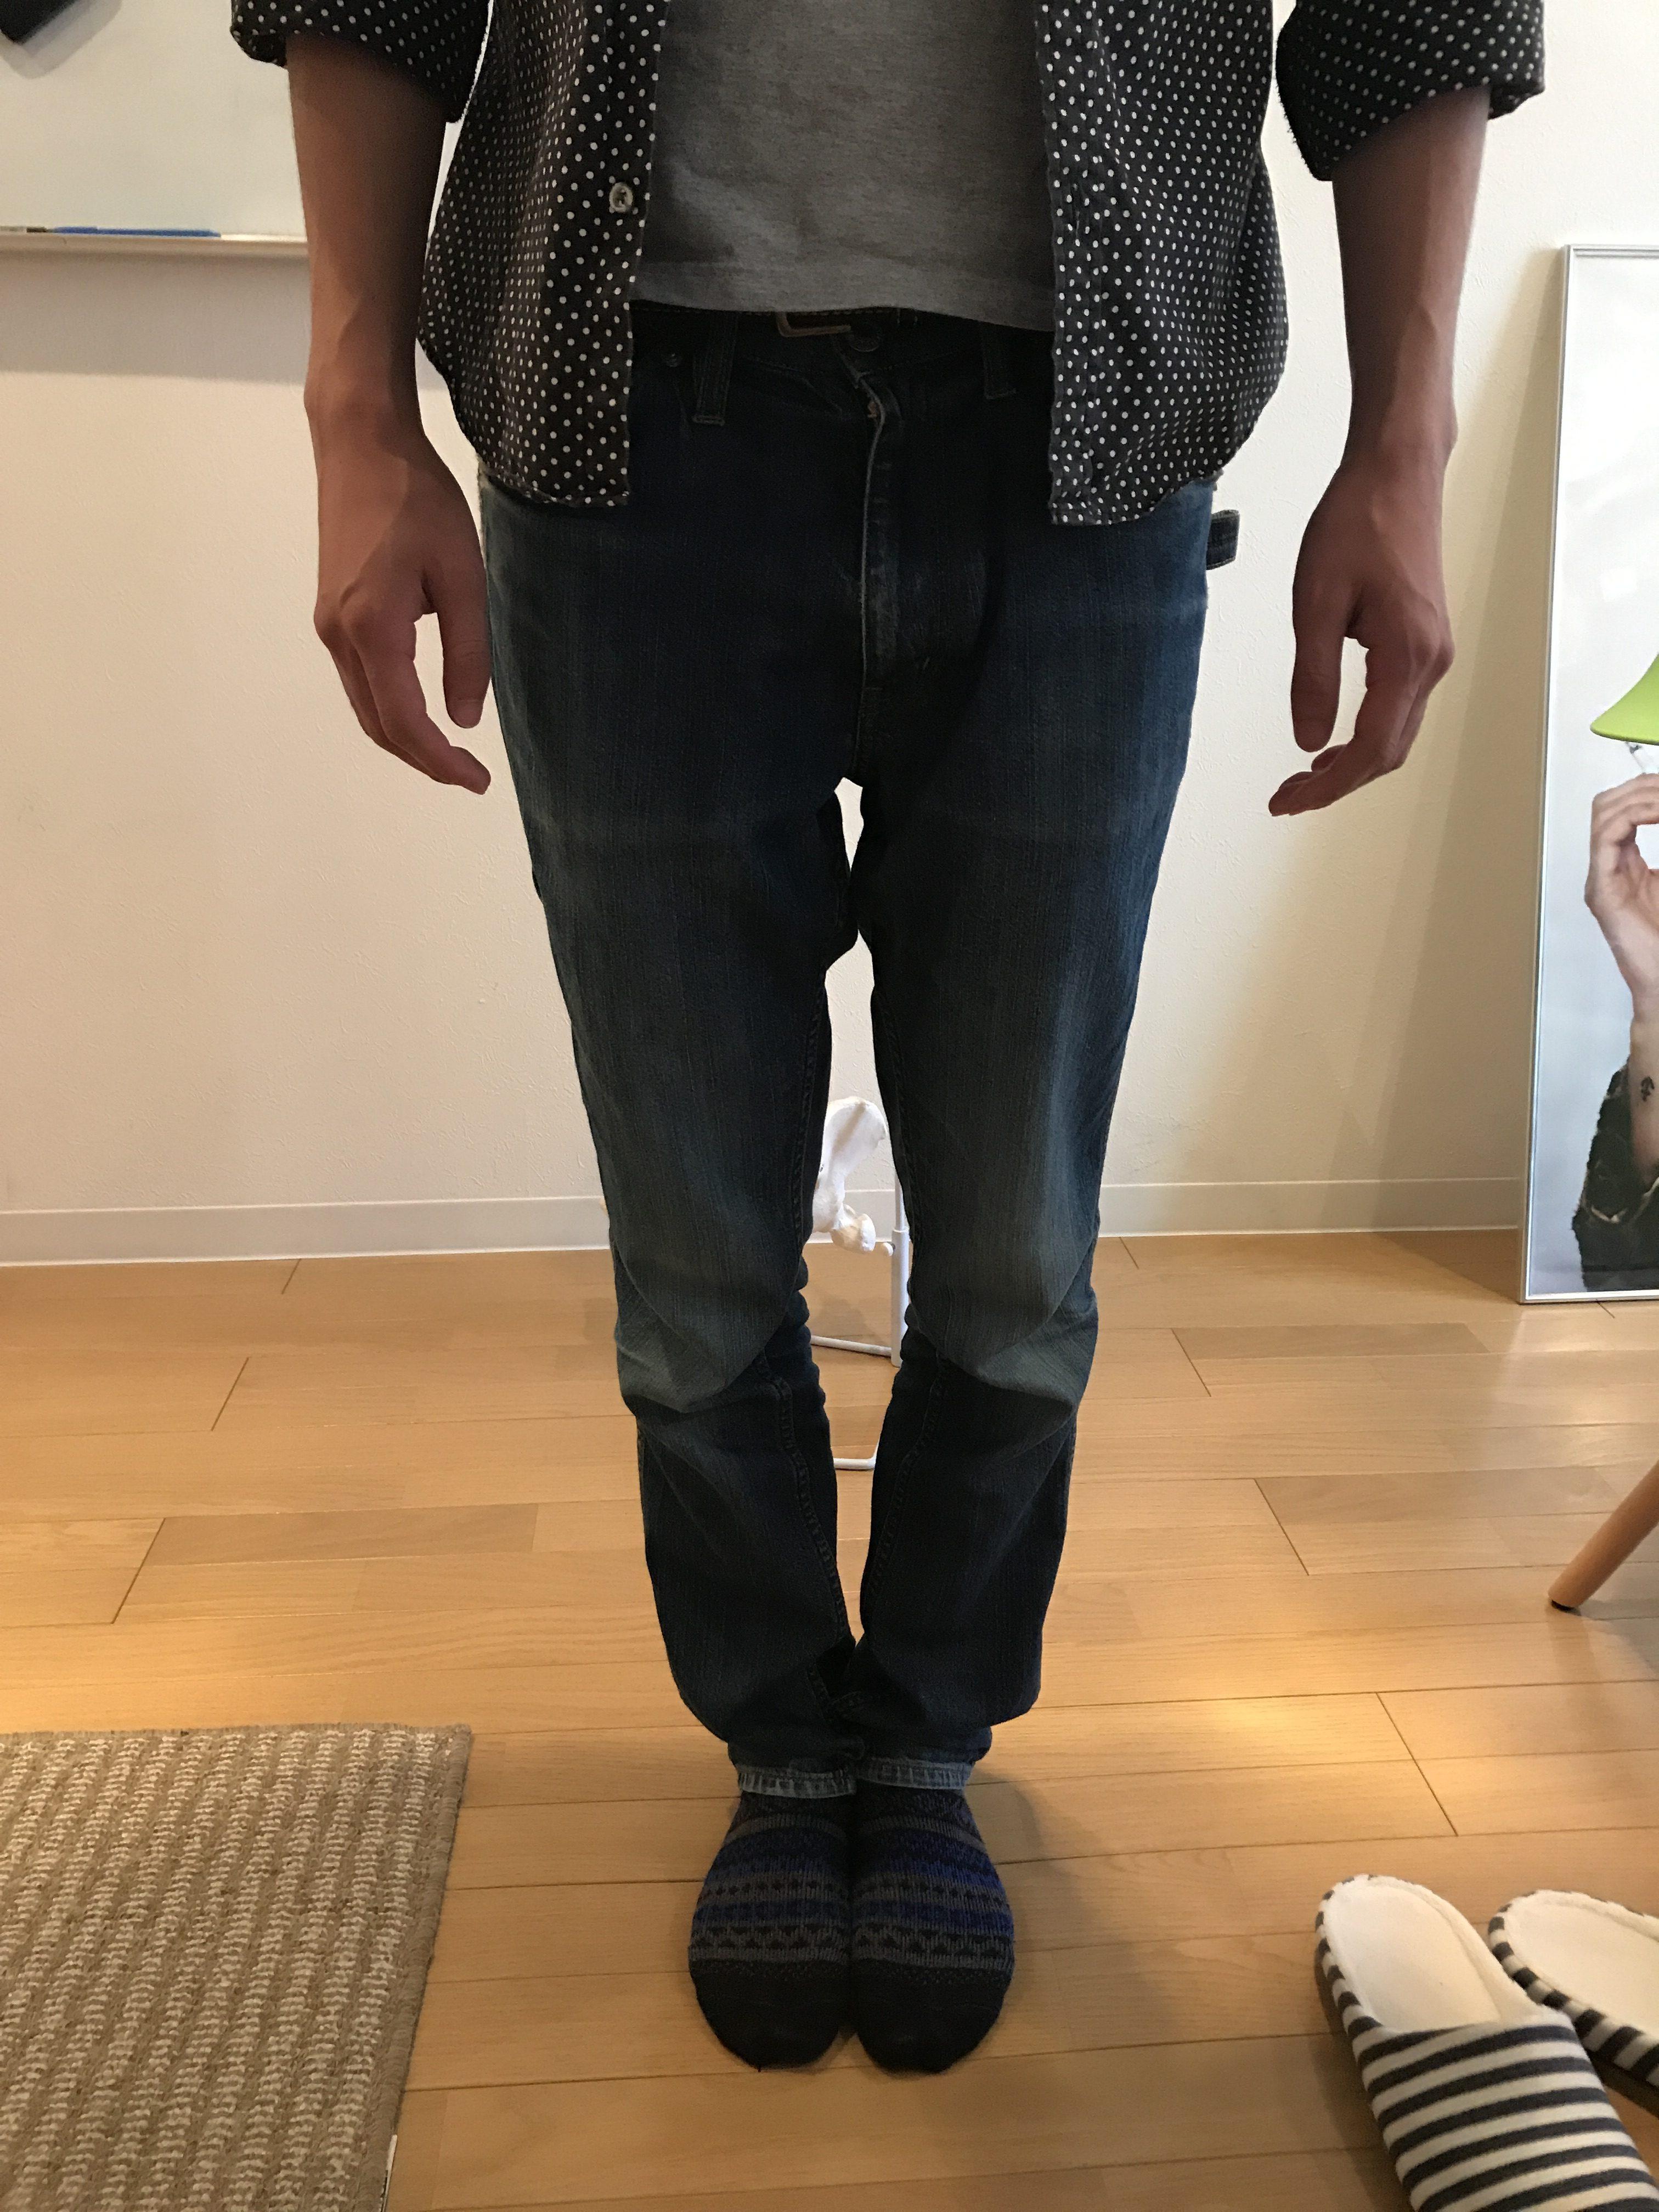 O脚を改善していかないと、身体が歪みやすい